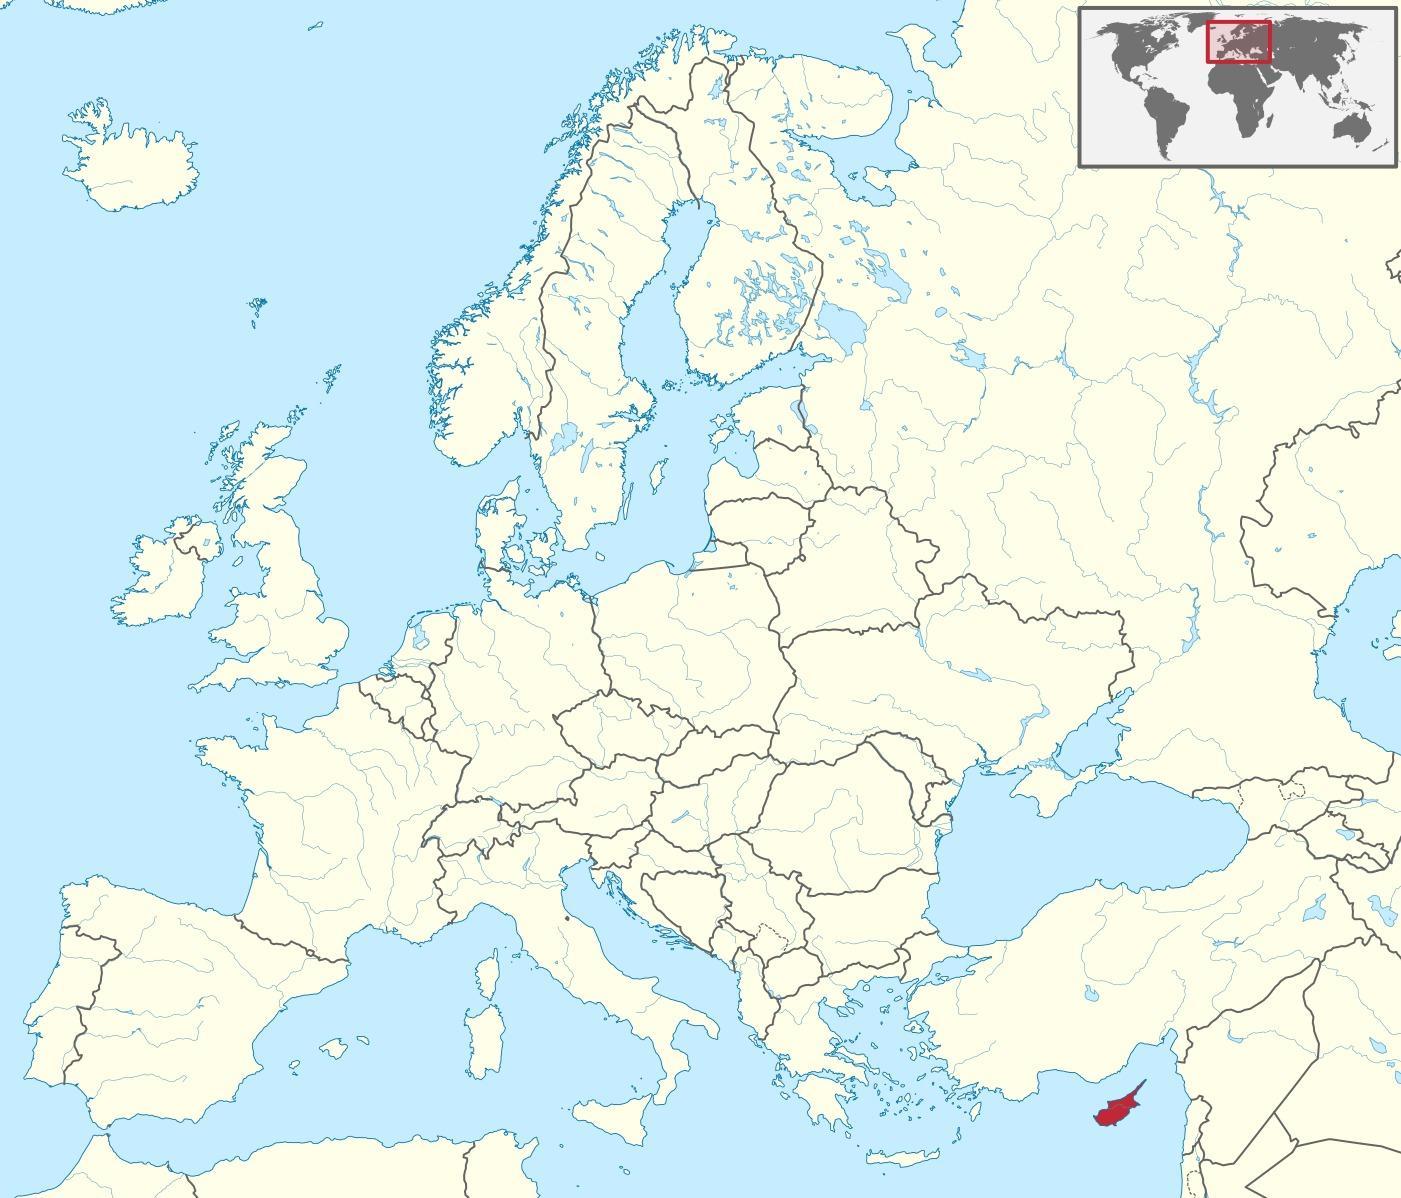 Kyproksen Maailman Kartta Kyproksen Kartta Maailman Etela